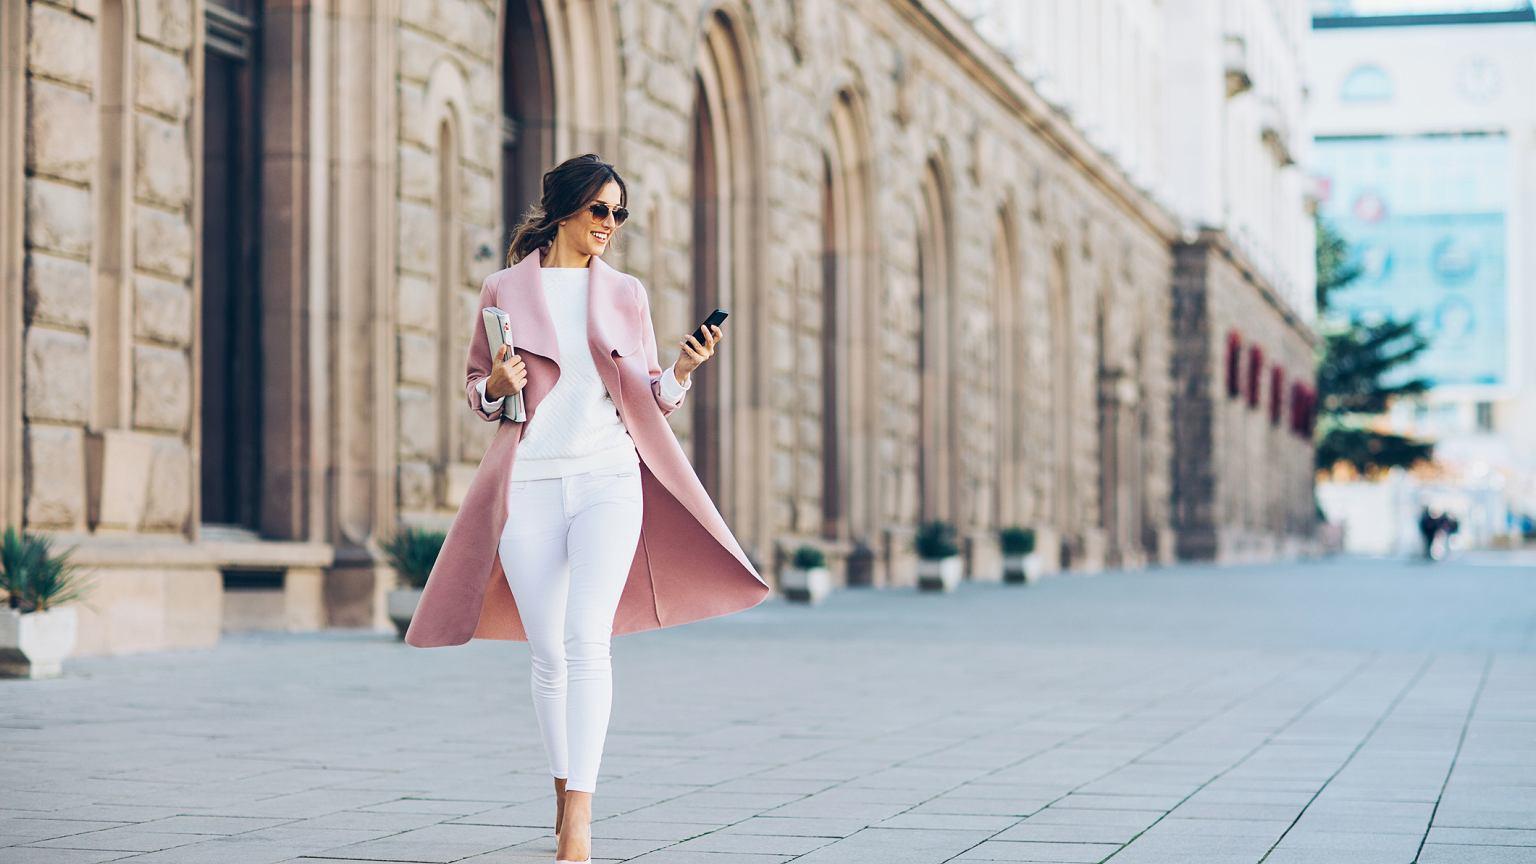 fc34972a2d Jak ubrać się na Komunię Świętą - propozycje stylizacji dla kobiet w każdym  wieku